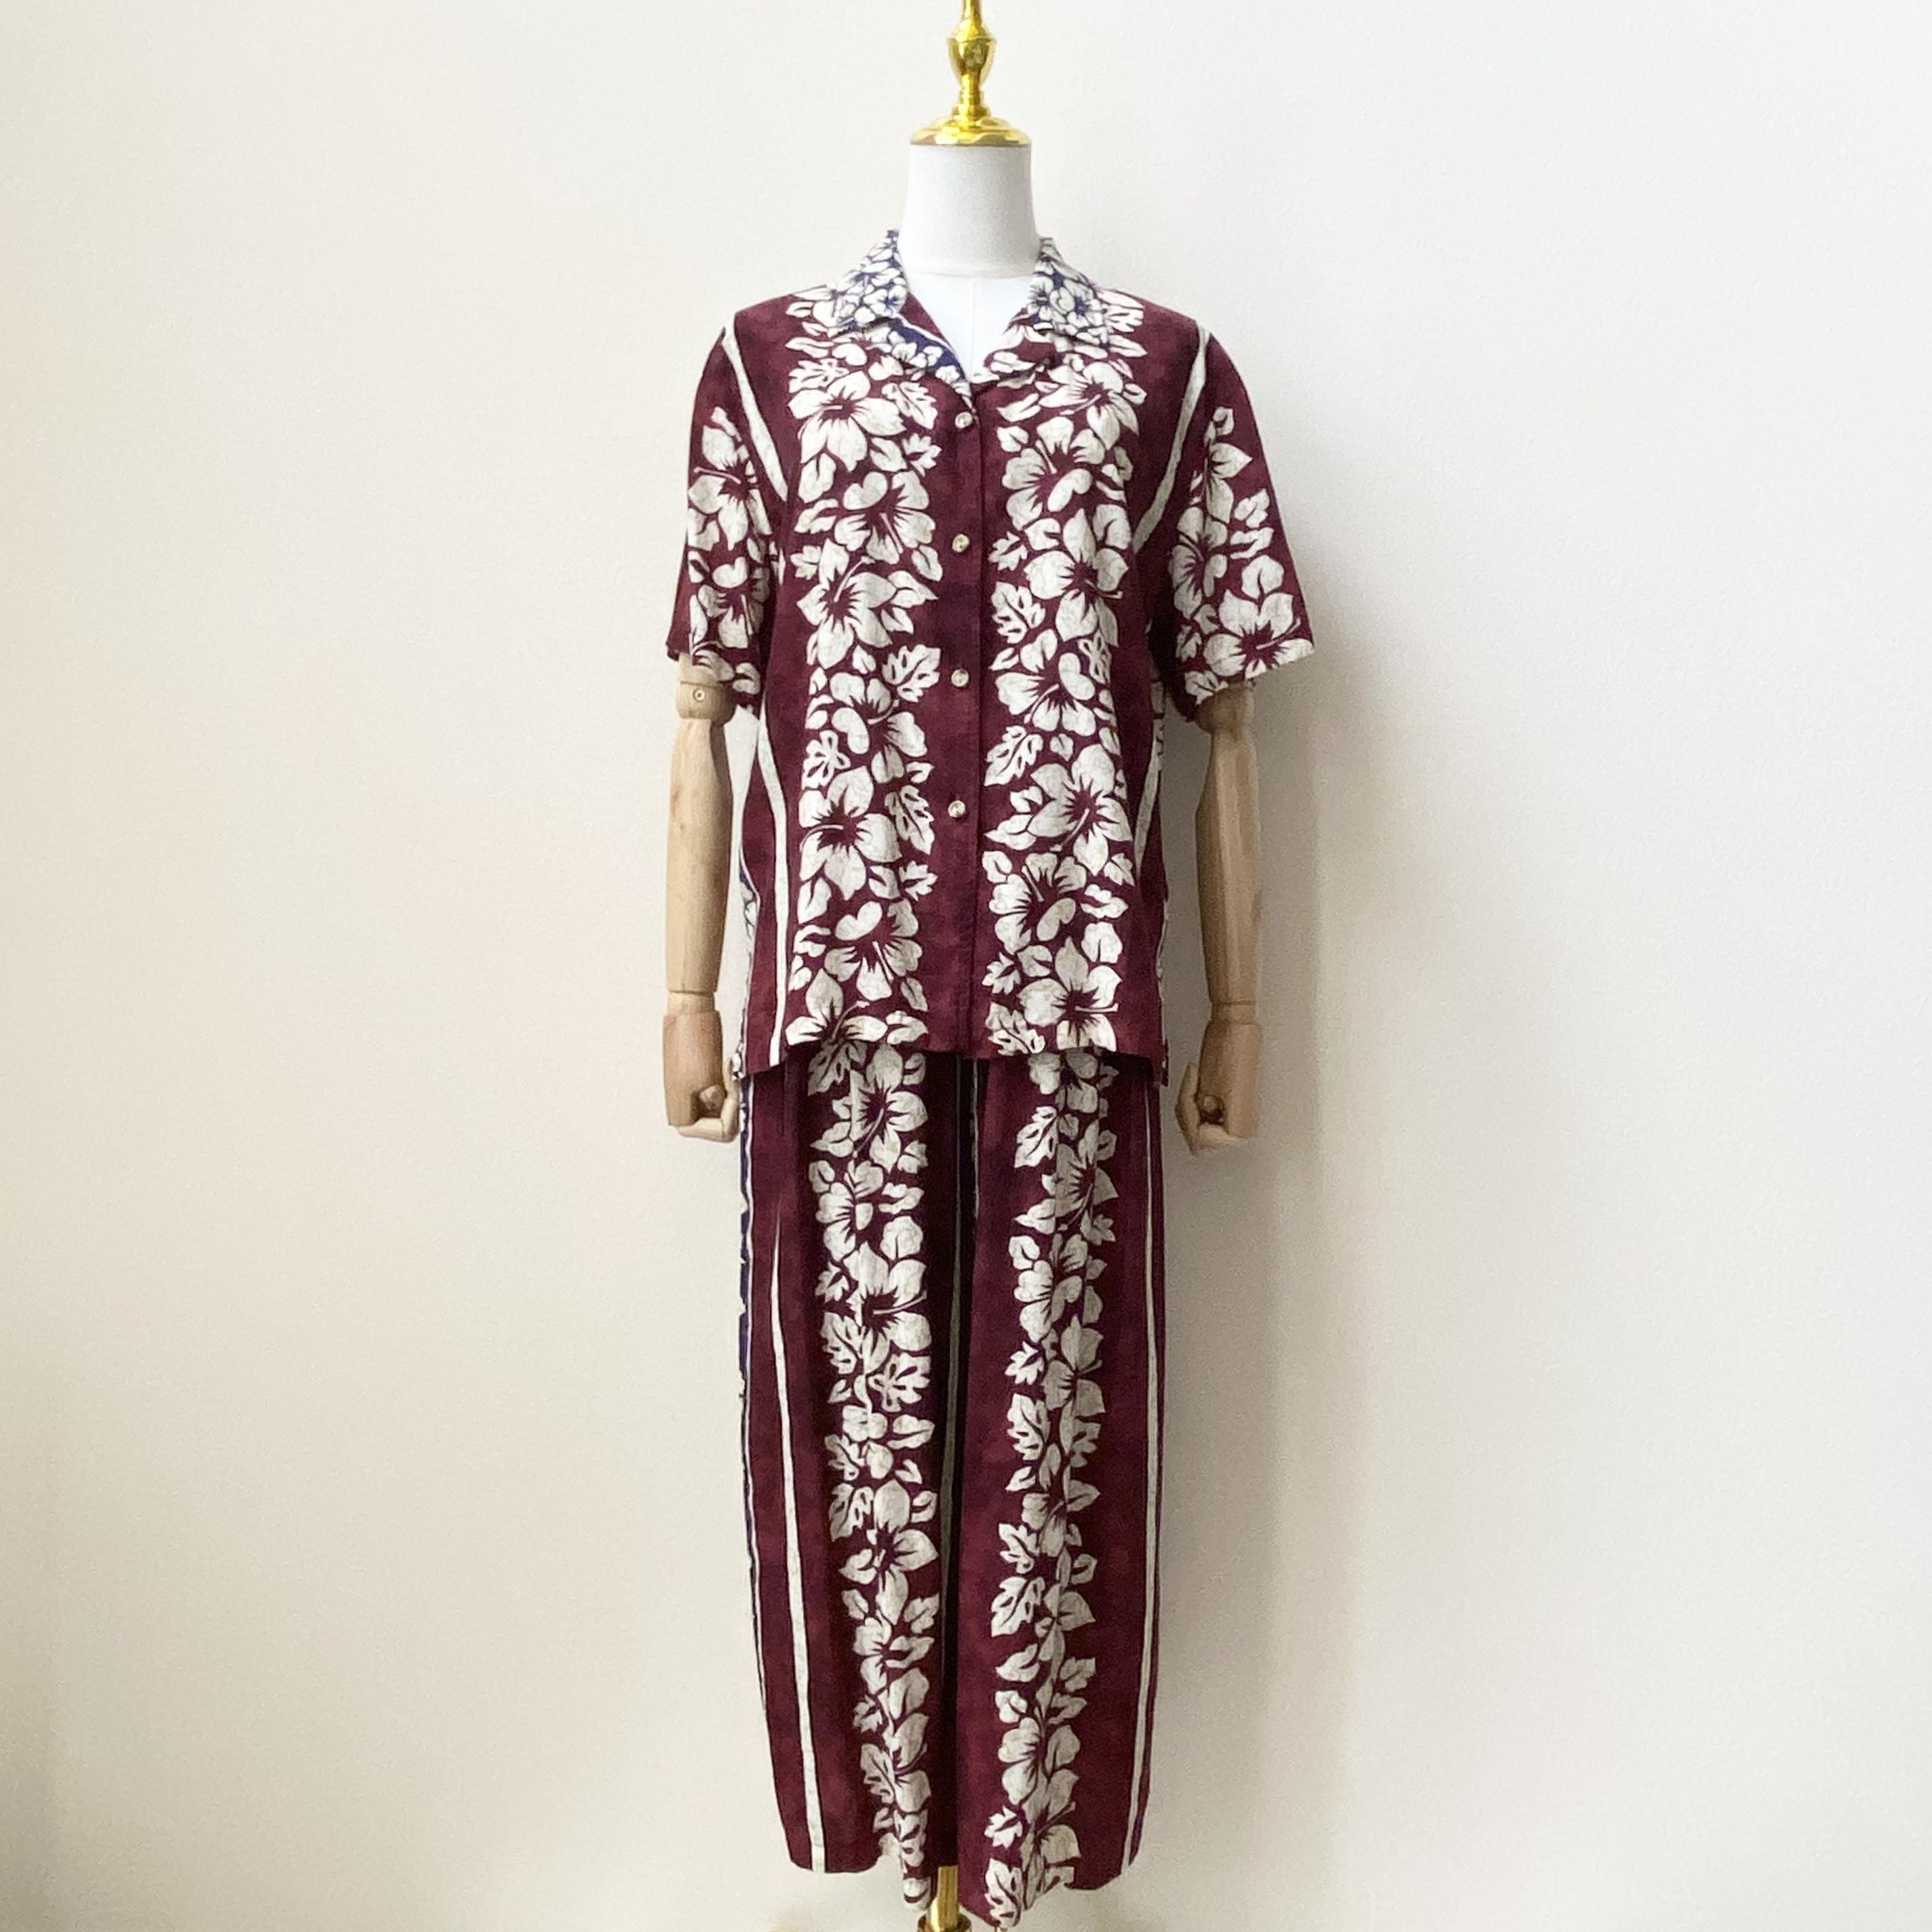 """レディース""""Tori Richird""""セットアップ アロハ柄 80年代 USA製 オープンカラーシャツ イージーパンツ アメリカ古着 レーヨン バーガンディ 日本L"""